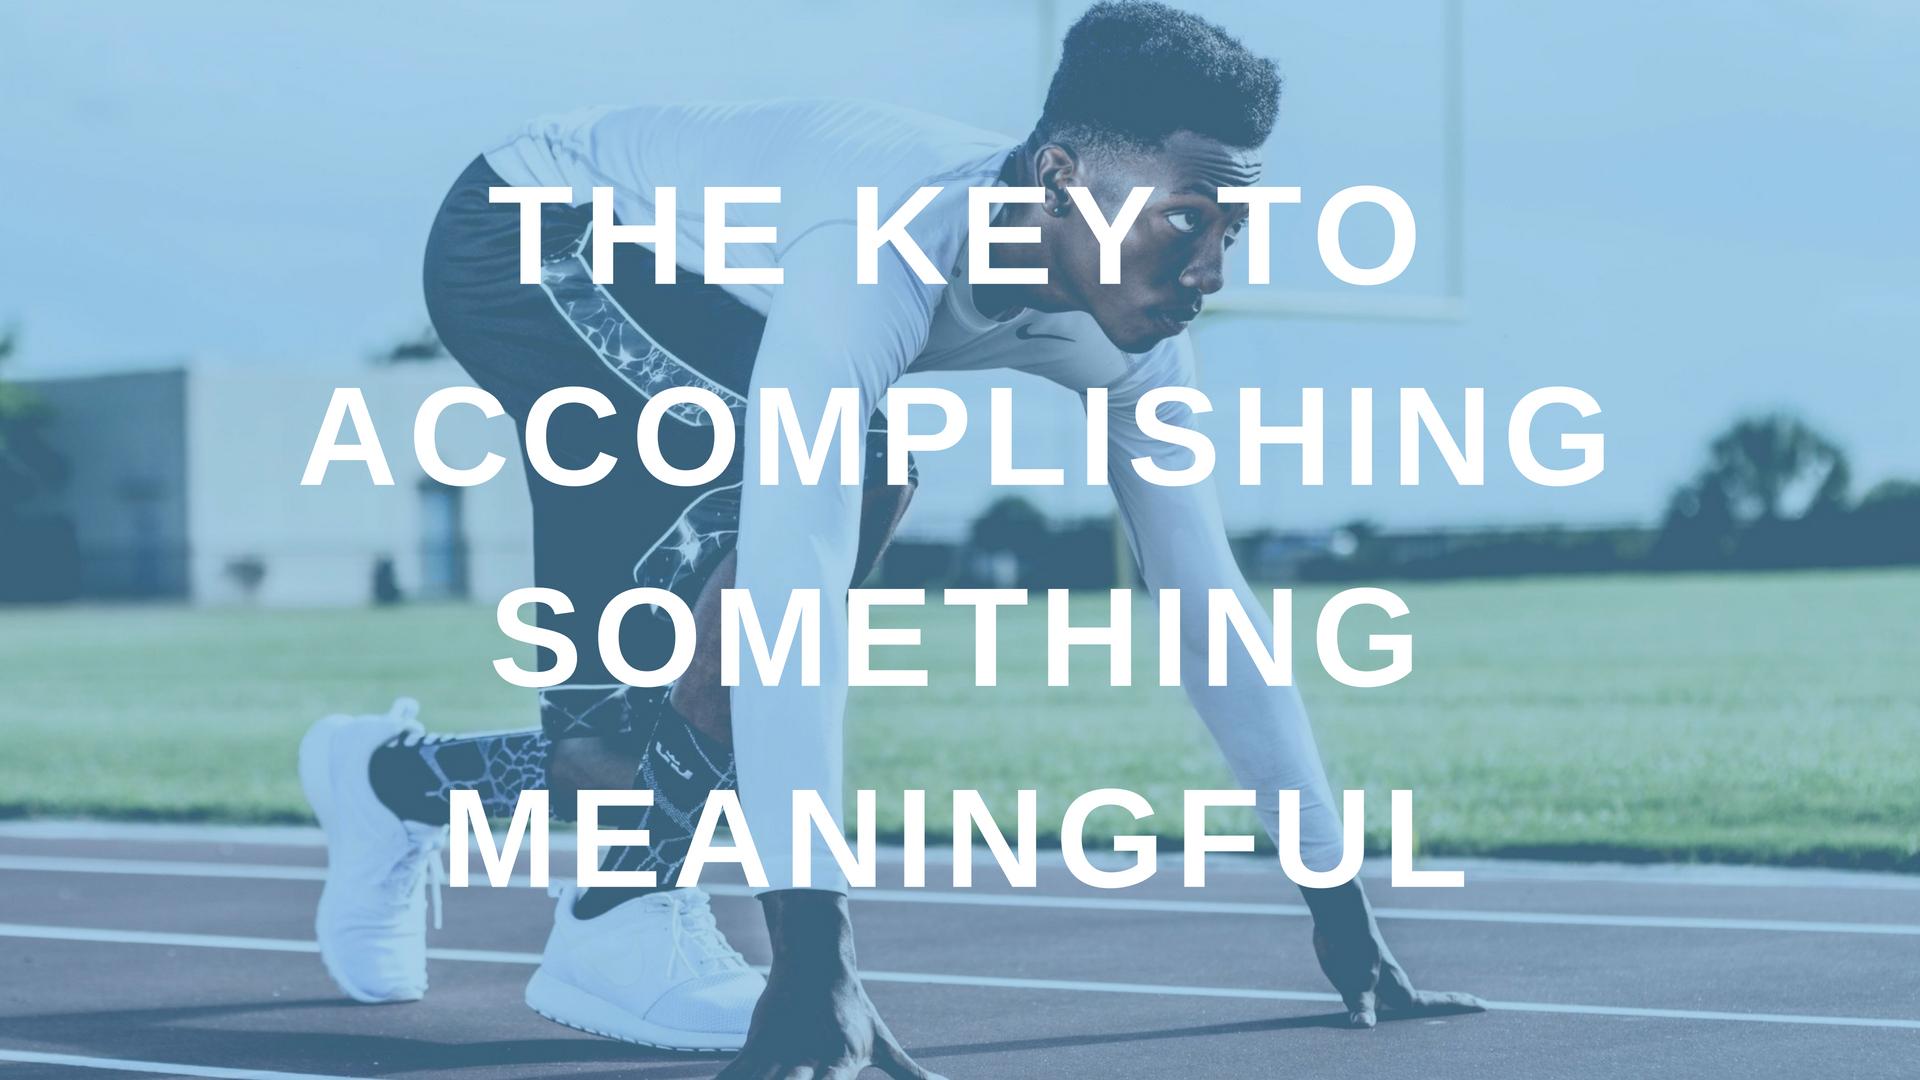 The Key to Accomplishing Something Meaningful